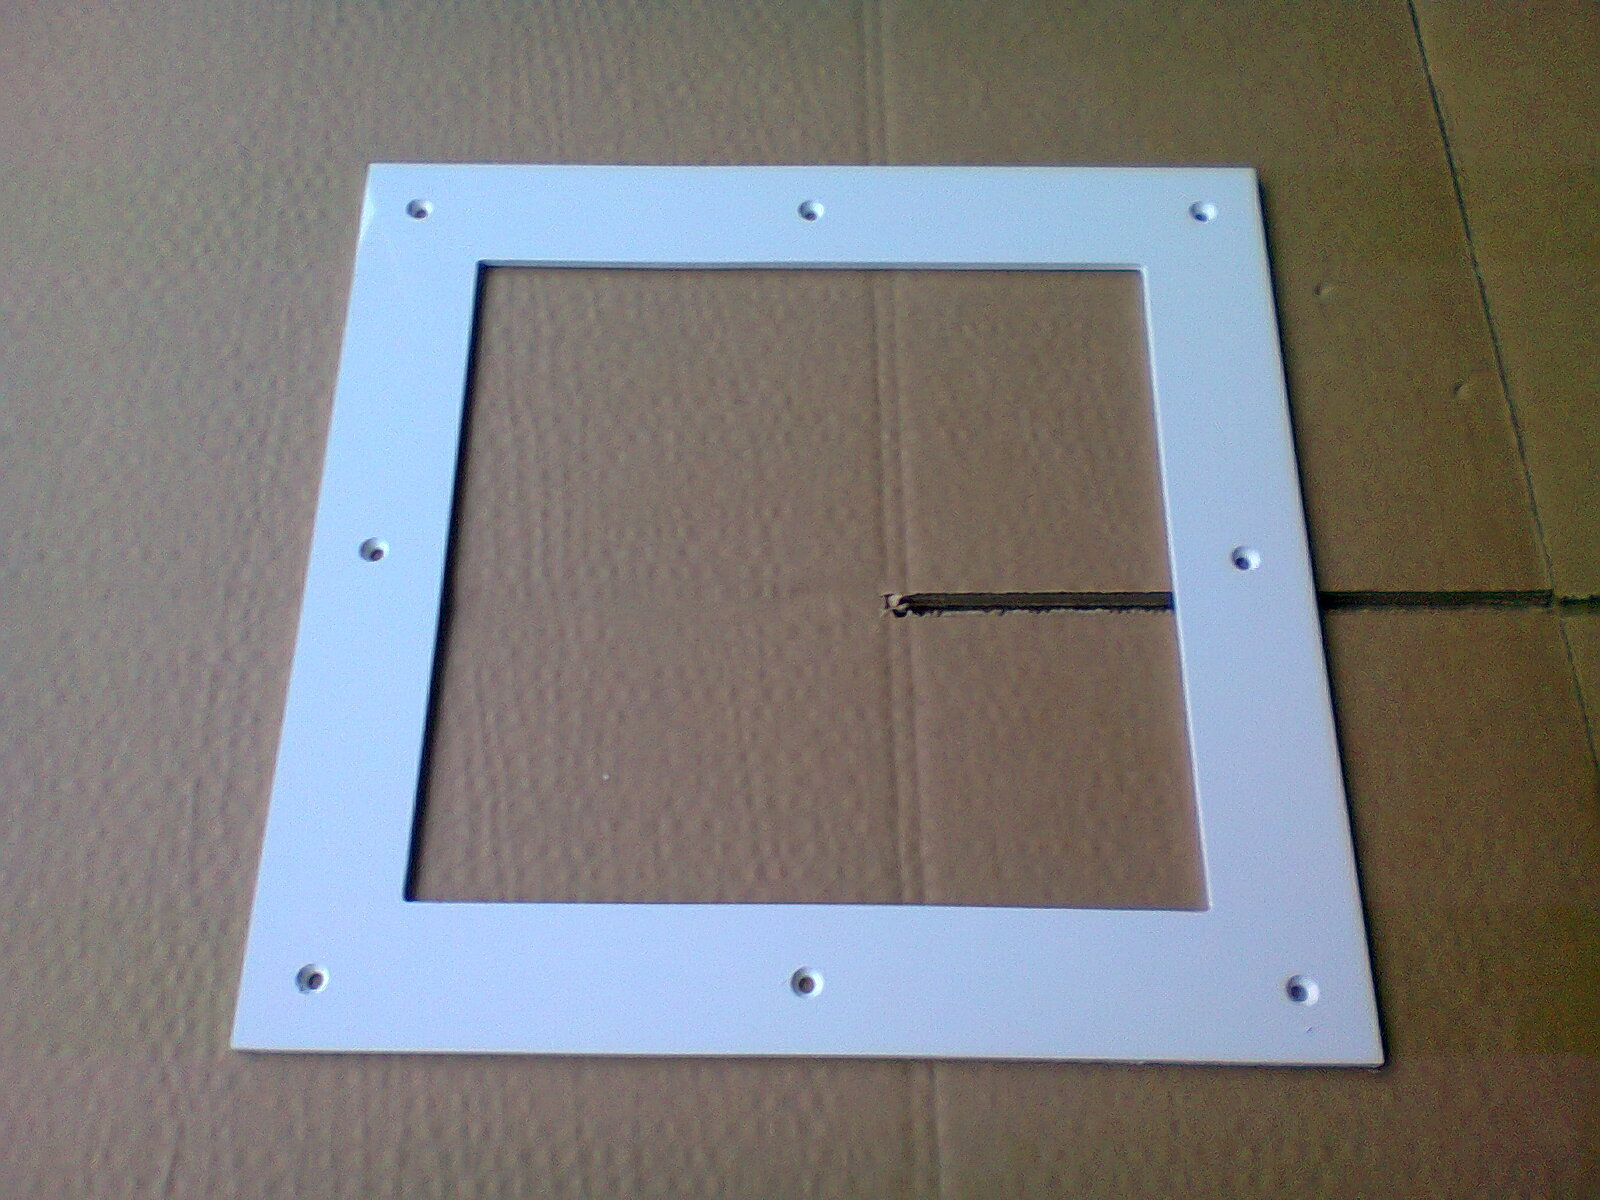 Hublots 1 vitre pour paisseur 14 mm abc hublots for Vitre au dessus d une porte